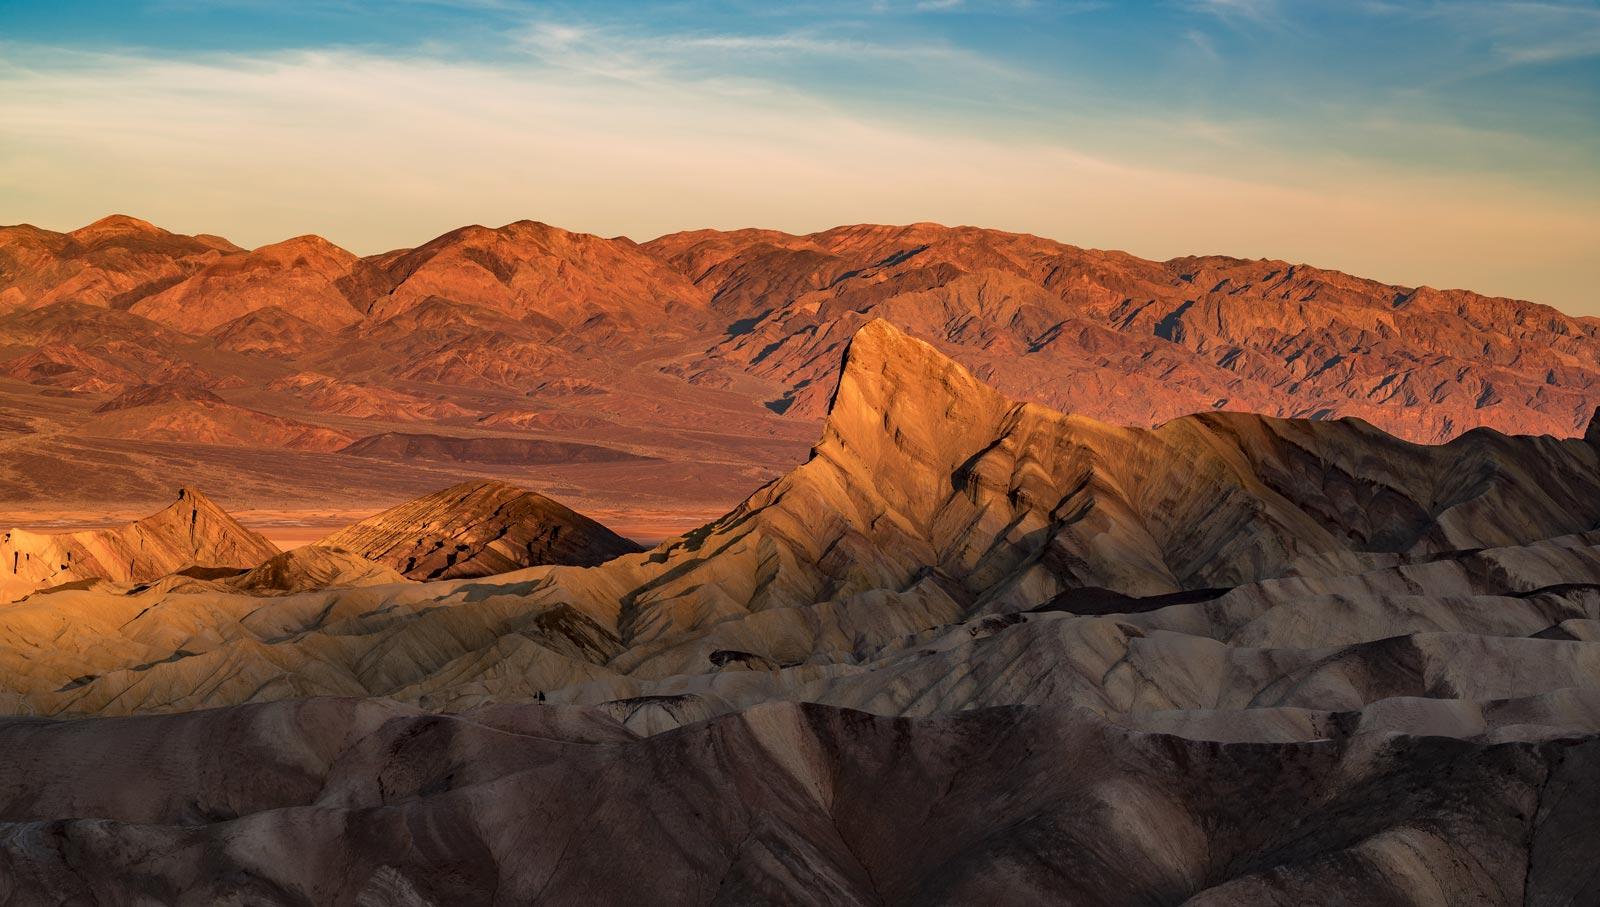 zabriskie point sunrise death valley national park california